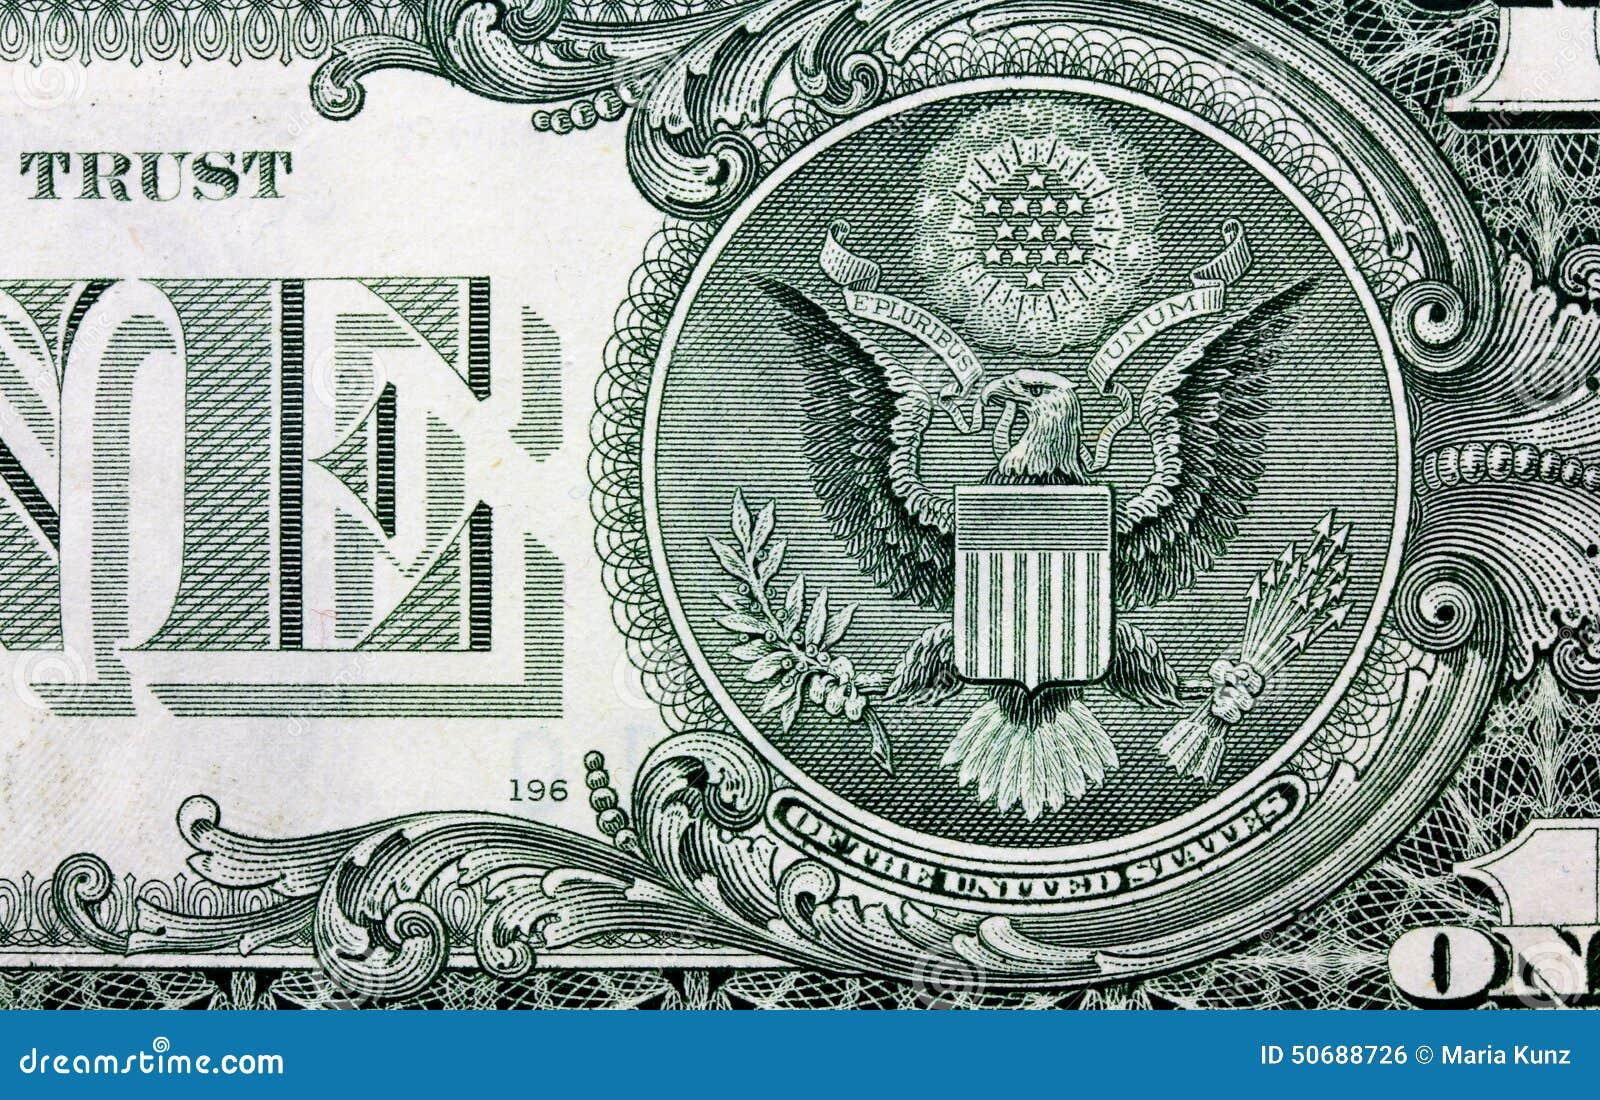 Download 在白色背景的一美元!! 库存照片. 图片 包括有 丰富的, 前面, 班珠尔, 靠山, 工资, 大使, 商业 - 50688726